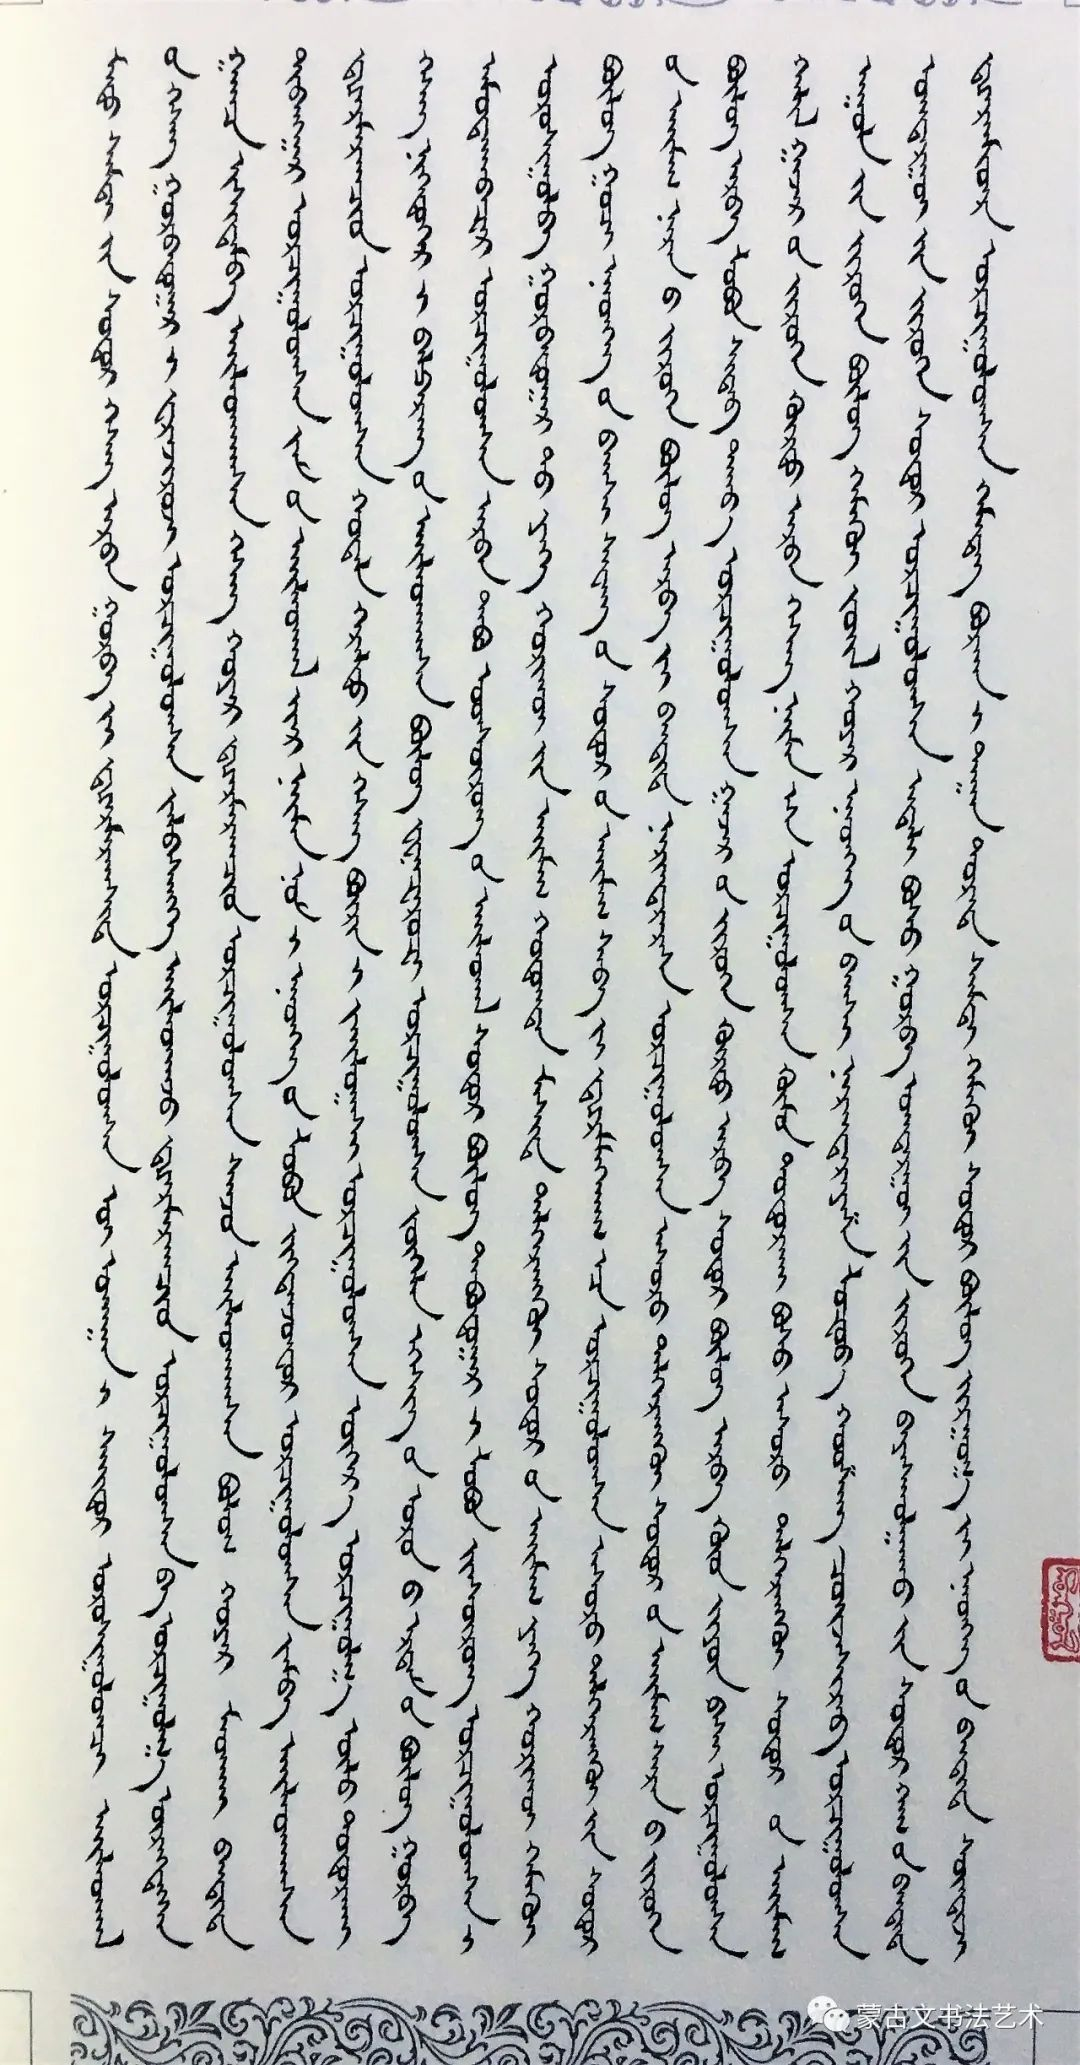 阿力达日图楷书著作-《中国佛教史(三)》 第4张 阿力达日图楷书著作-《中国佛教史(三)》 蒙古书法